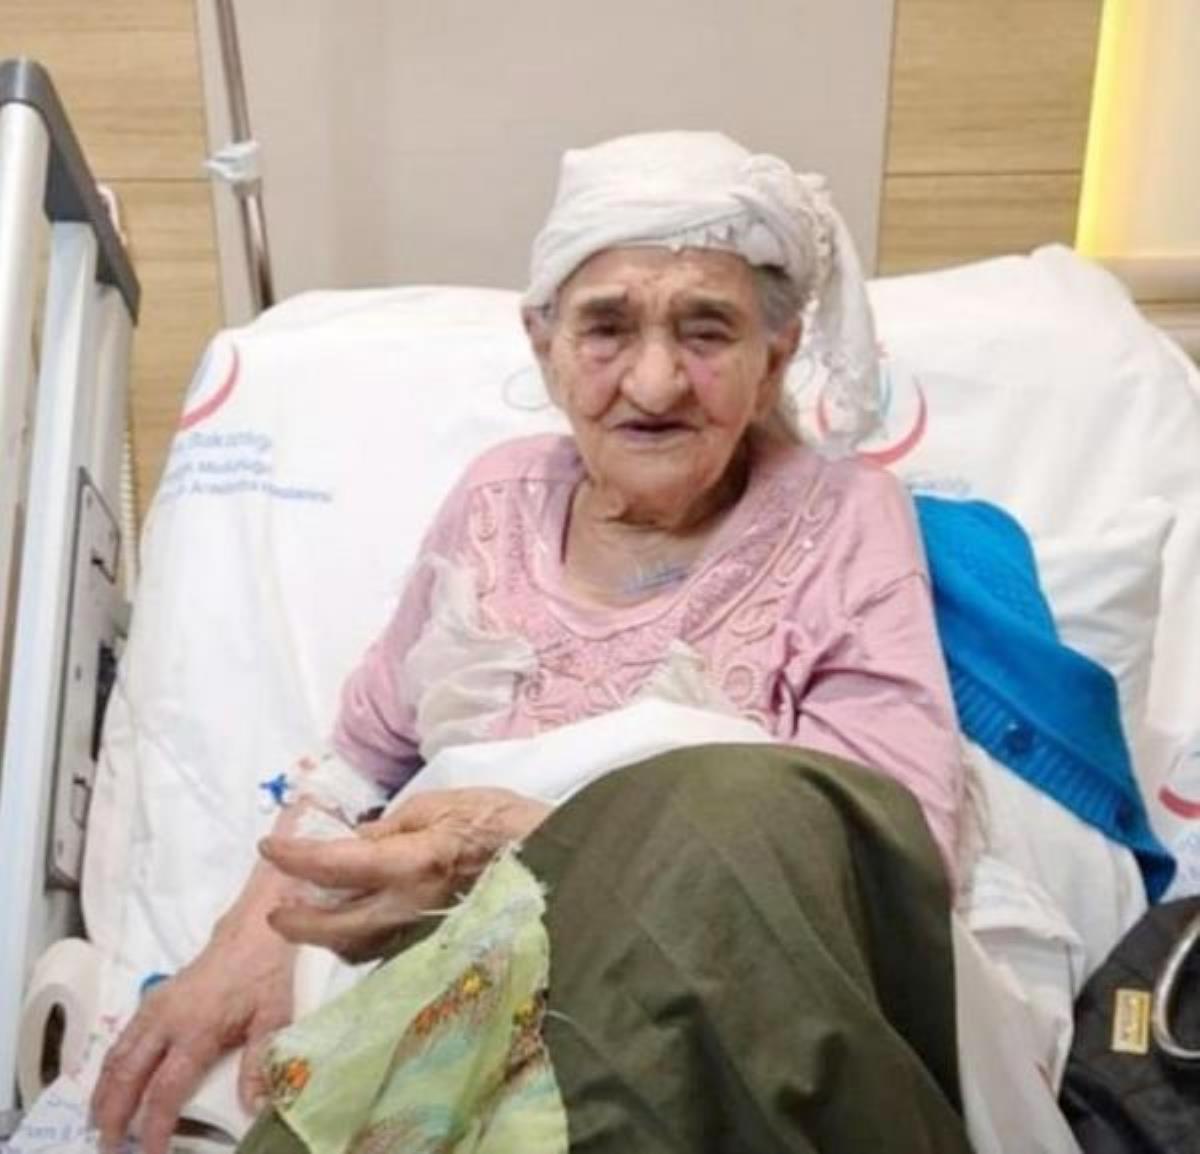 Testi pozitif çıkmasına rağmen tedaviye direnen Sebiha teyze hayatını kaybetti